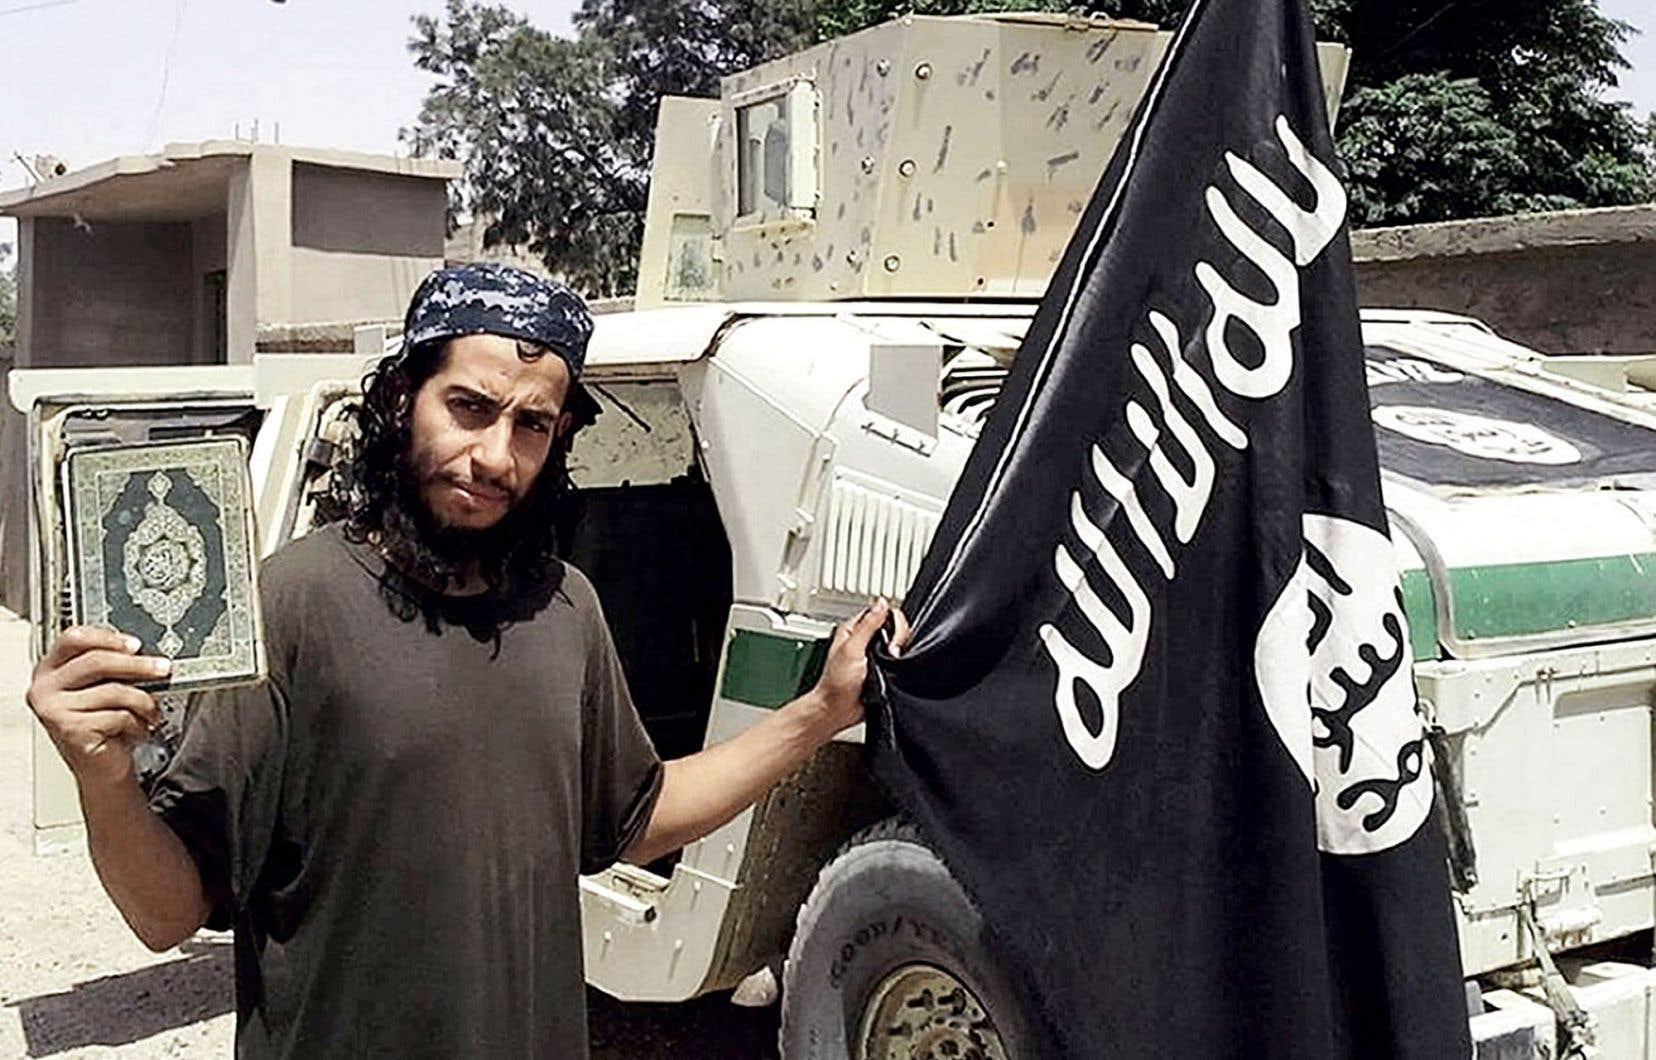 Cette photo d'Abdelhamid Abaaoud, organisateur présumé des attentats du 13novembre à Paris, avait été publiée dans l'édition no7, de février2015, du magazine «Dabiq» du groupe armé État islamique.